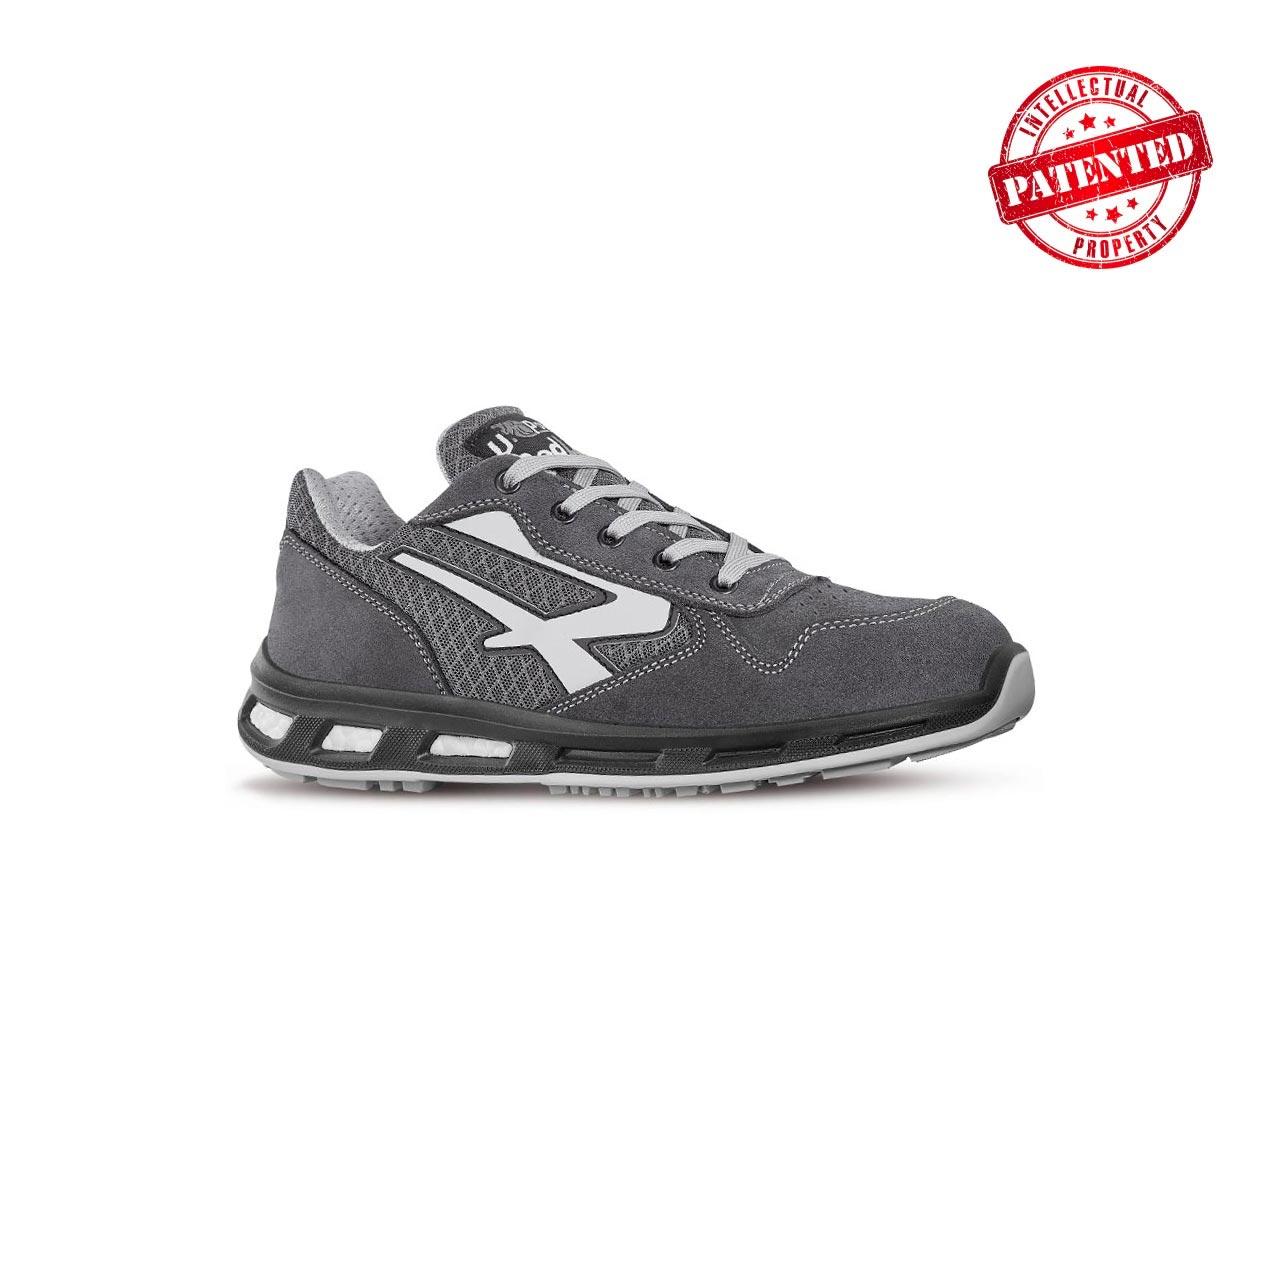 scarpa antinfortunistica upower modello push linea redlion vista laterale